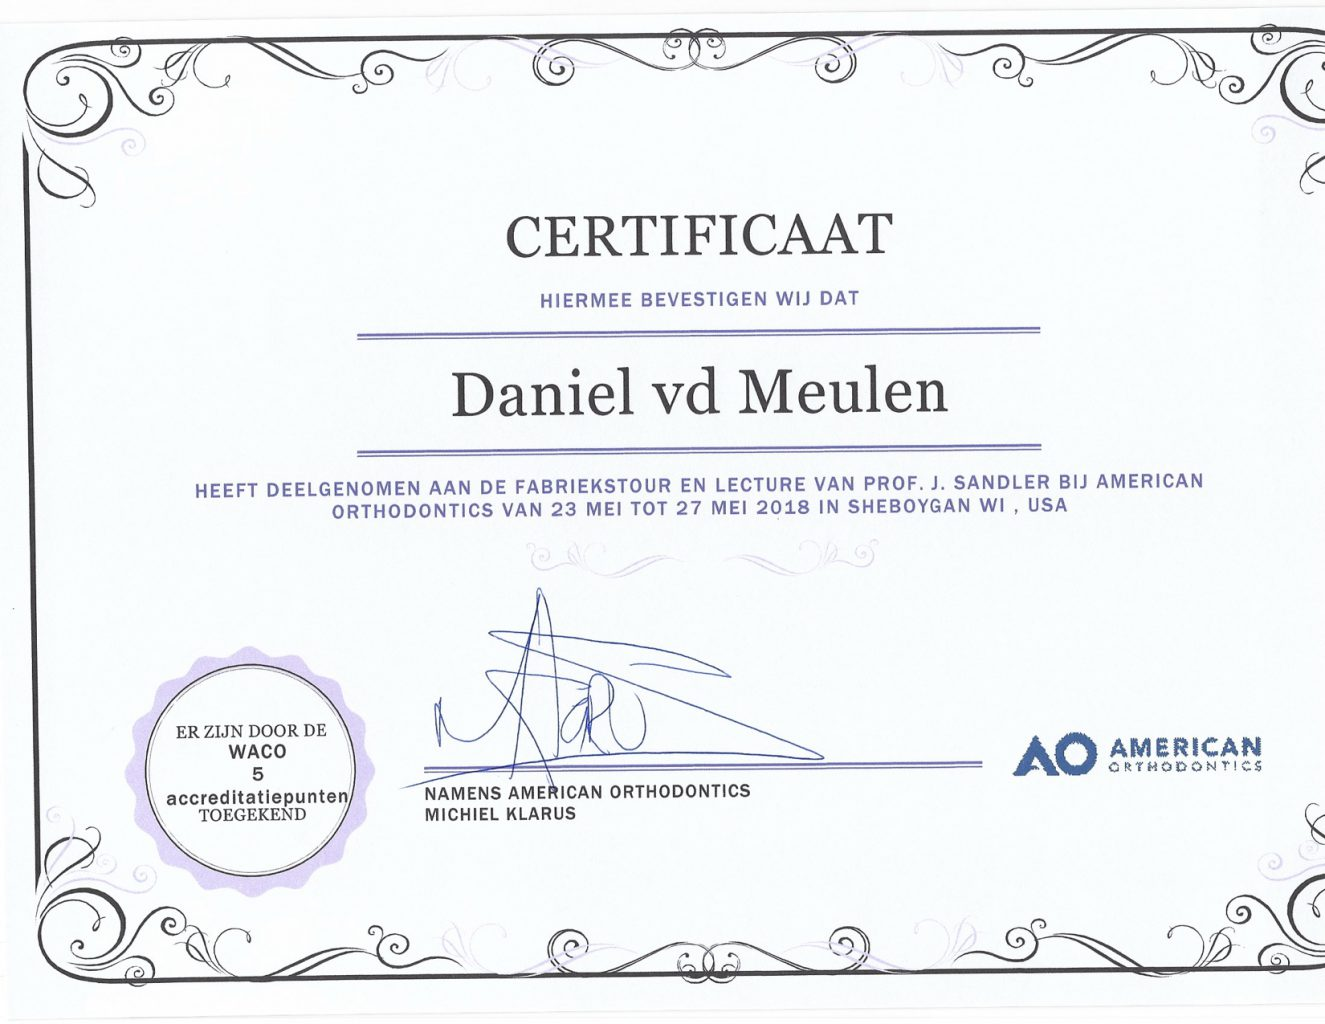 Certificaat AO fabrieksbezoek